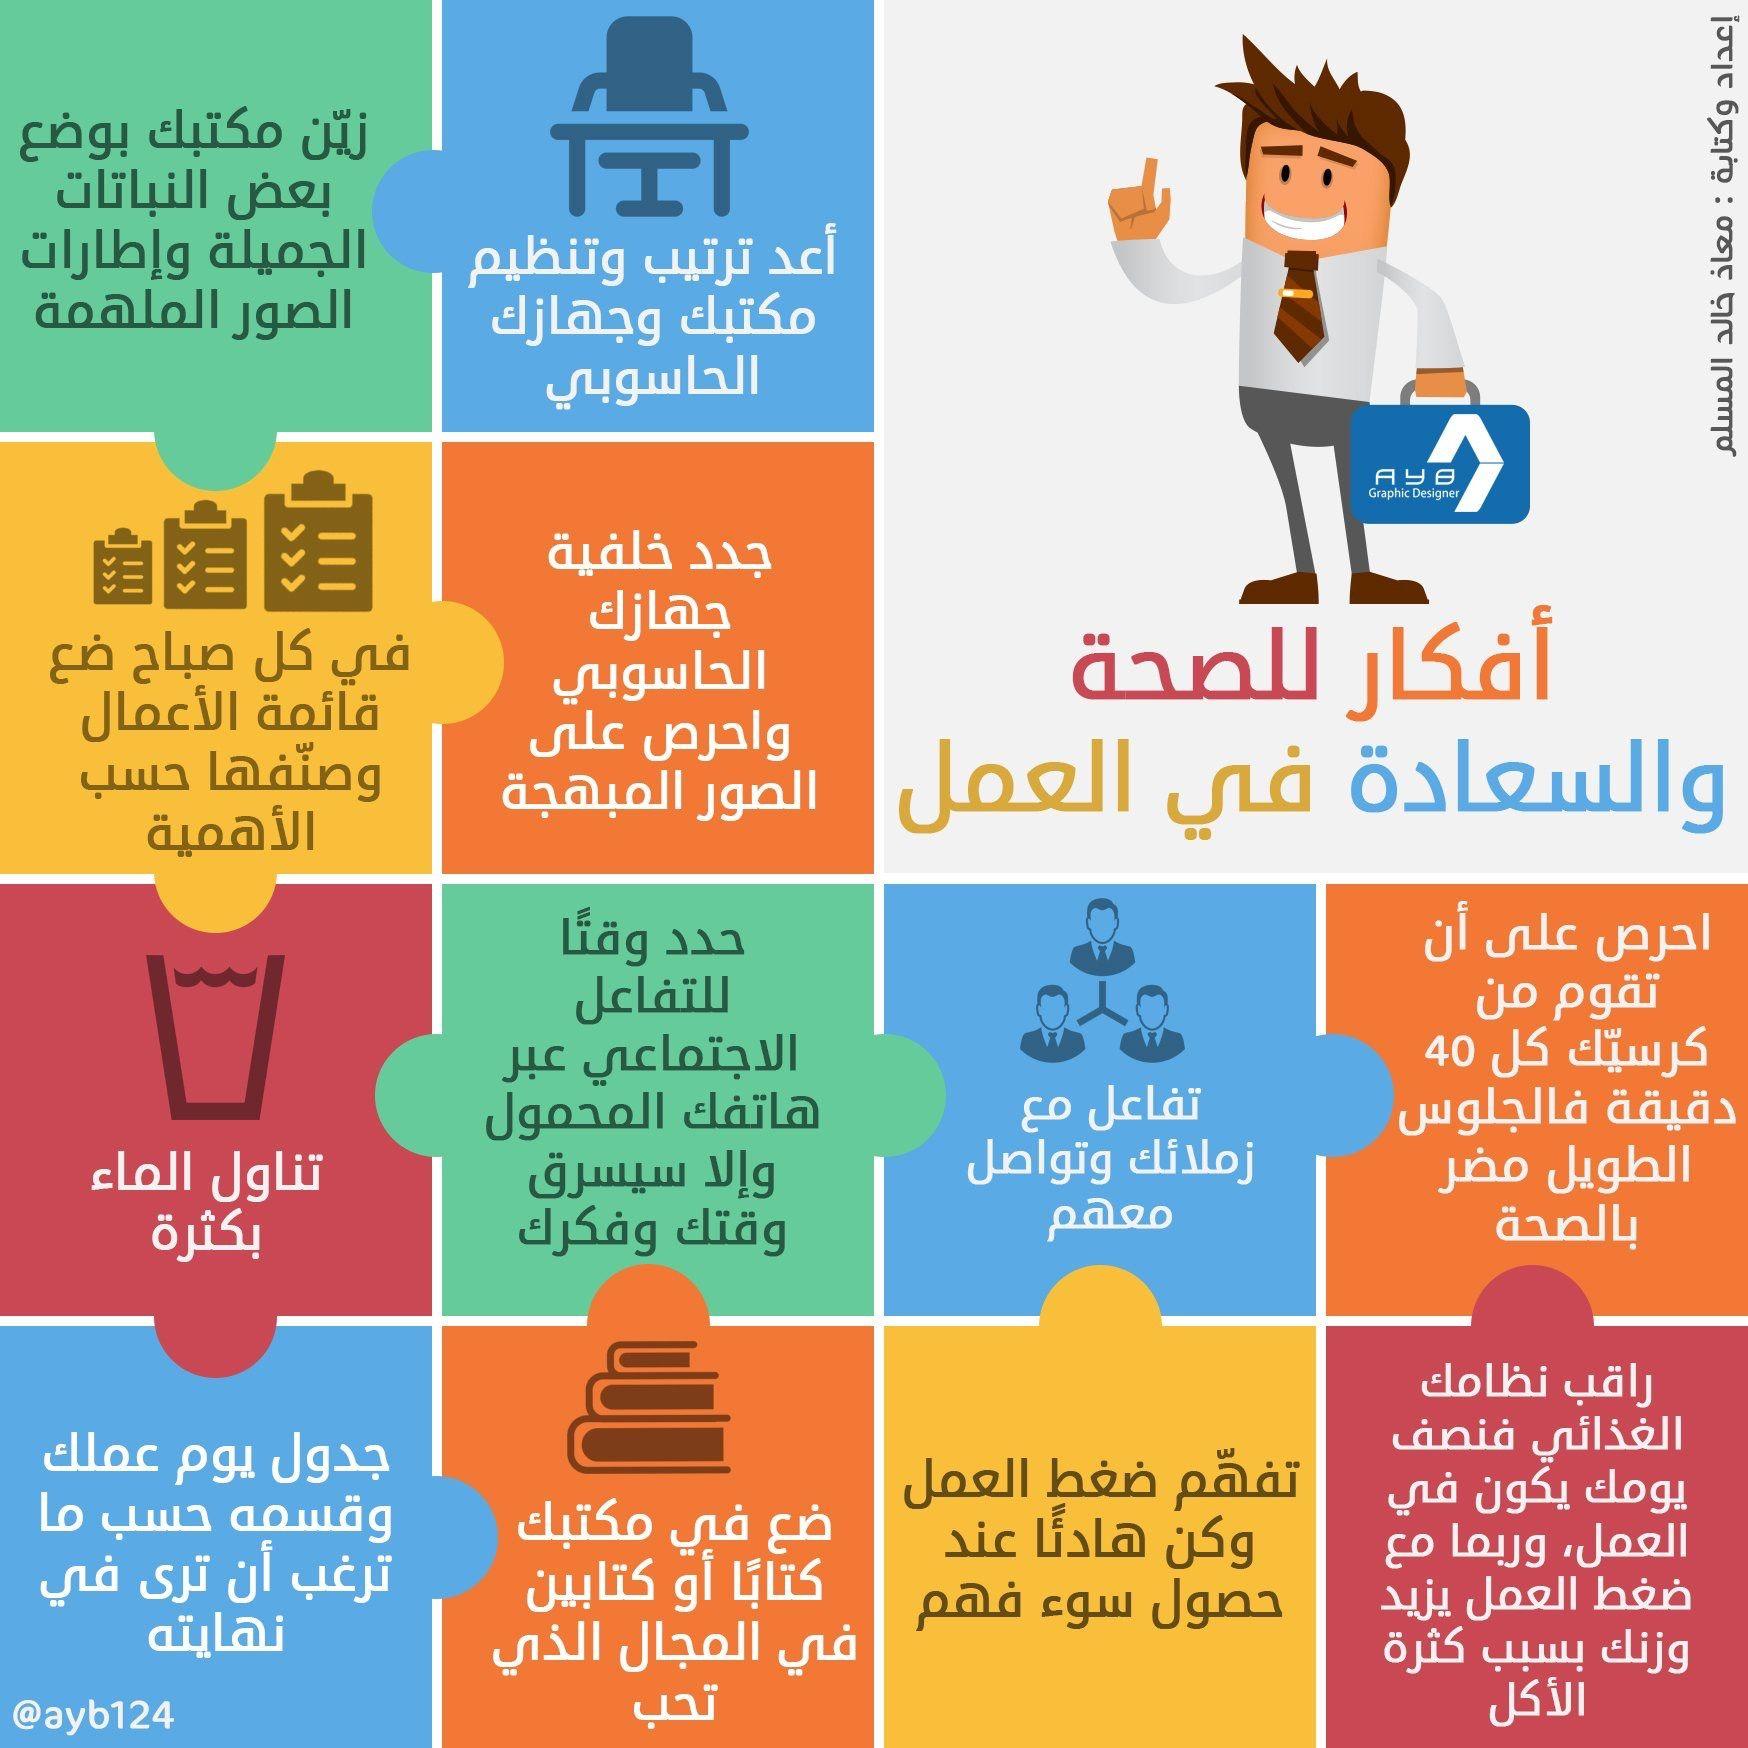 أفكار للصحة والسعادة في العمل Face Exercises Arabic Words Books To Read